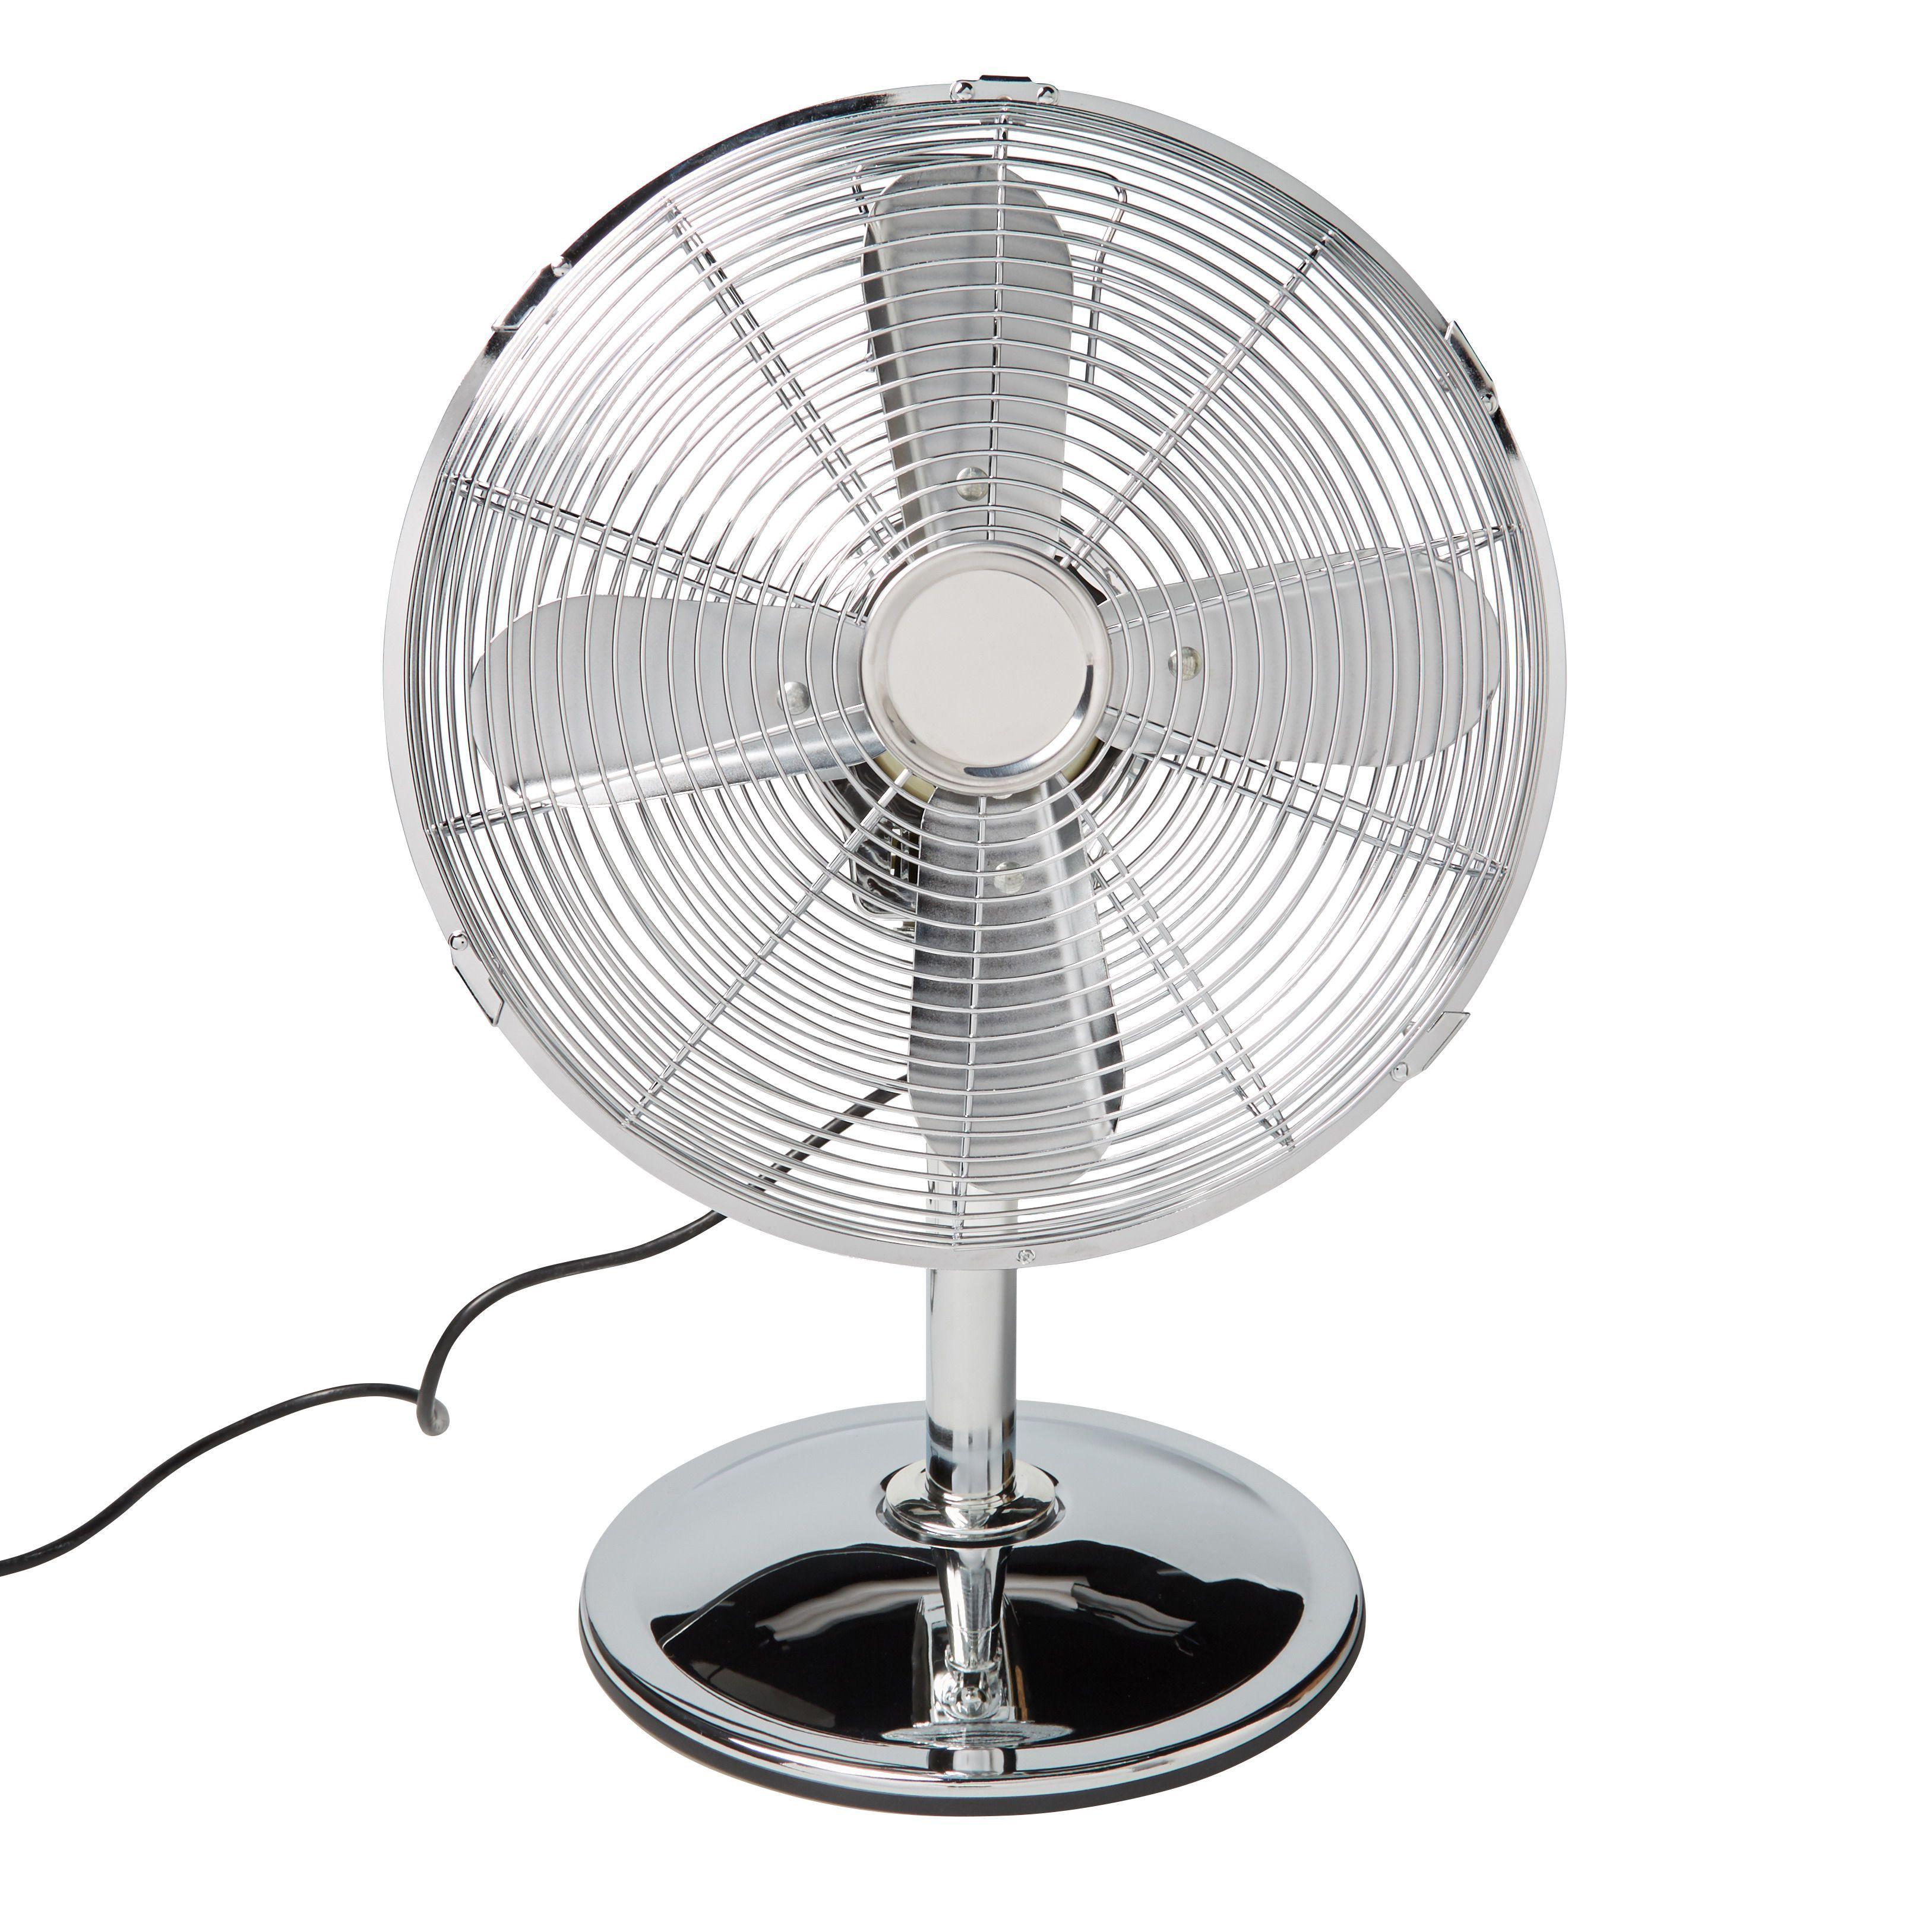 12 inches 3-speed Desk Fan